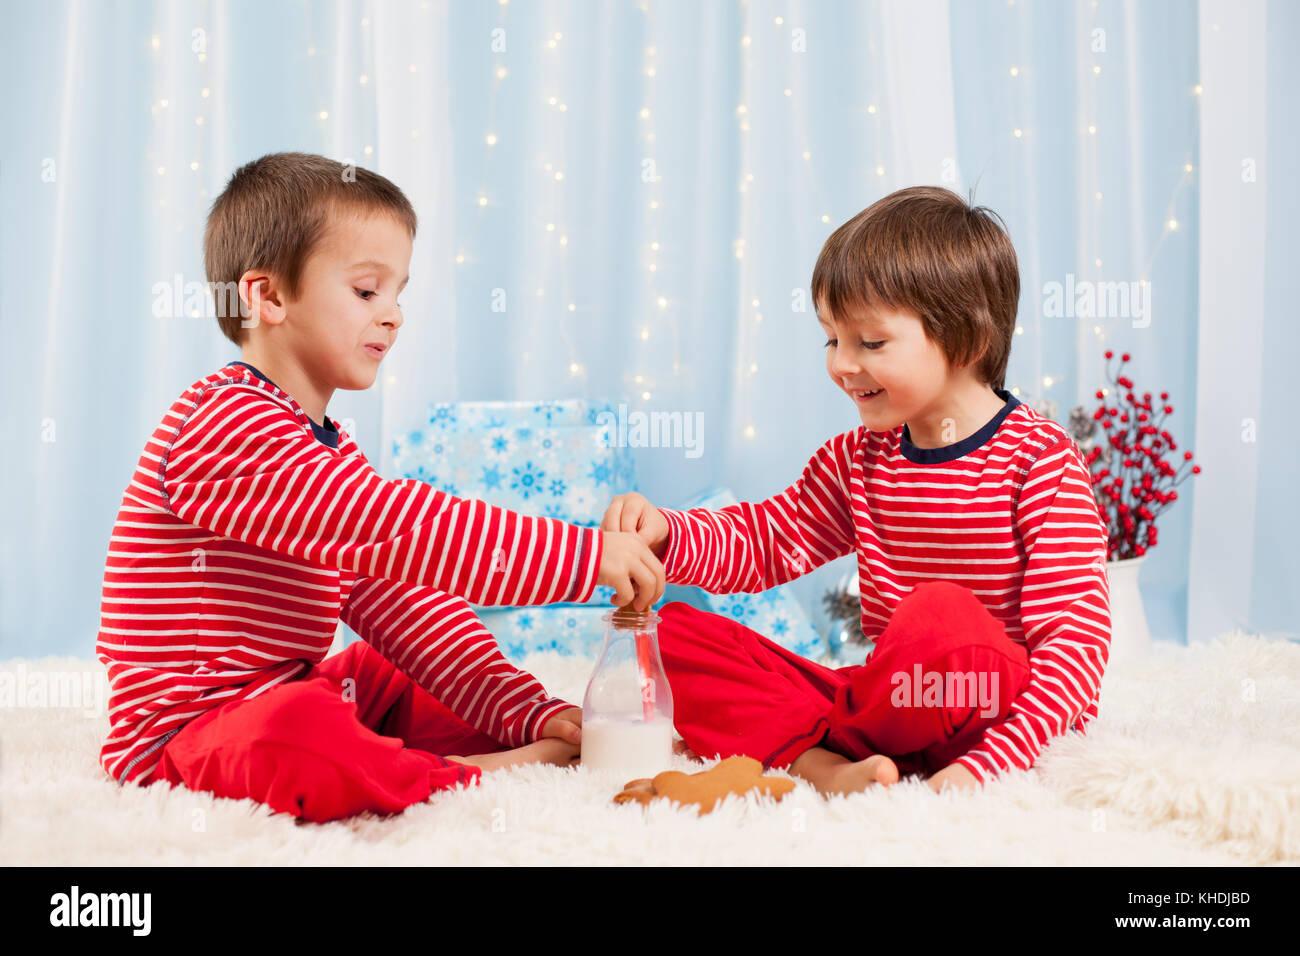 Kids Talking Laughing Stockfotos & Kids Talking Laughing Bilder - Alamy